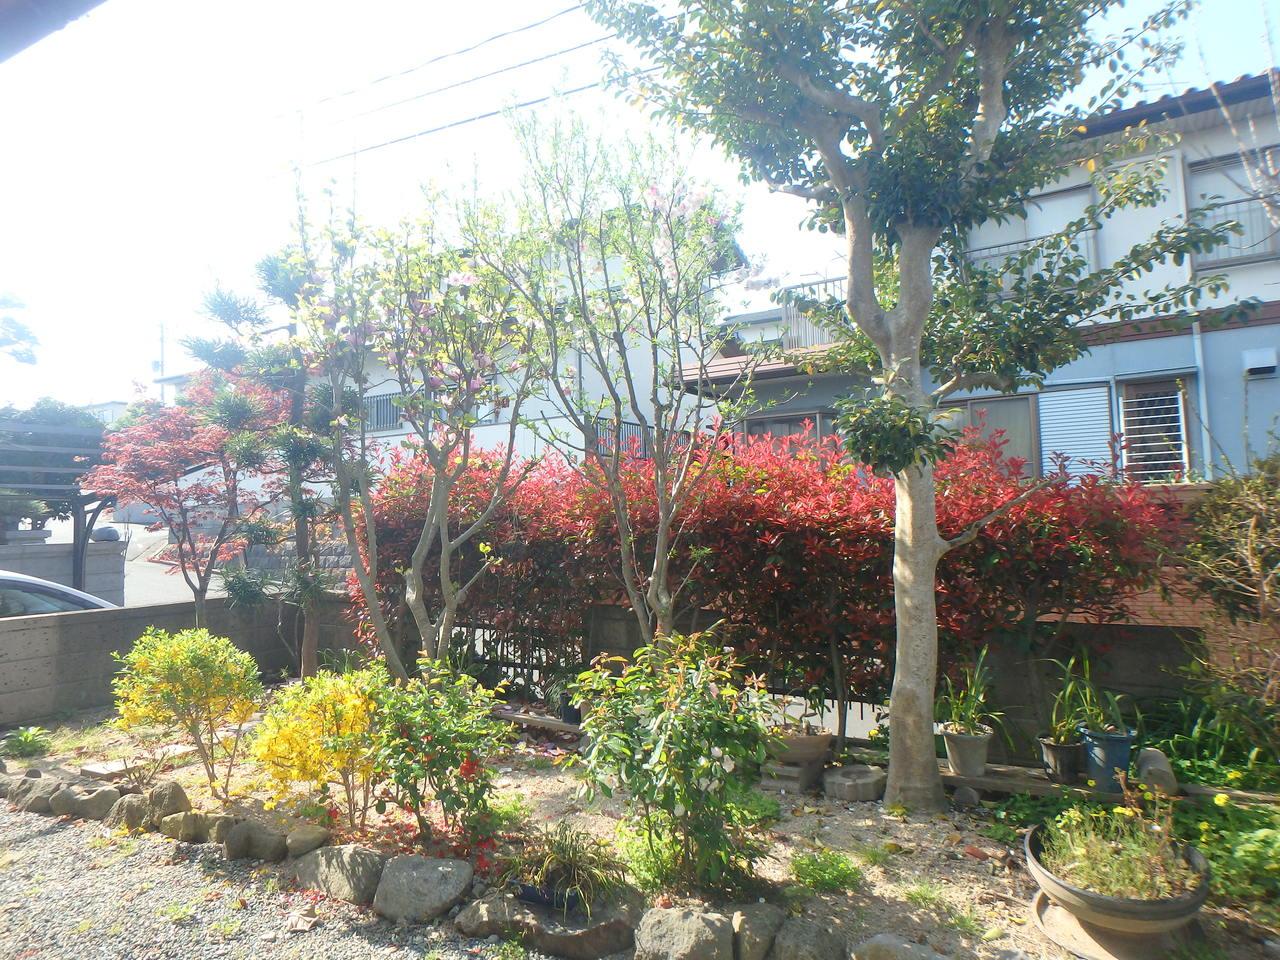 縁側からの眺めです!家庭菜園やガーデニング、お子様の遊び場にもなる広い庭付です♪